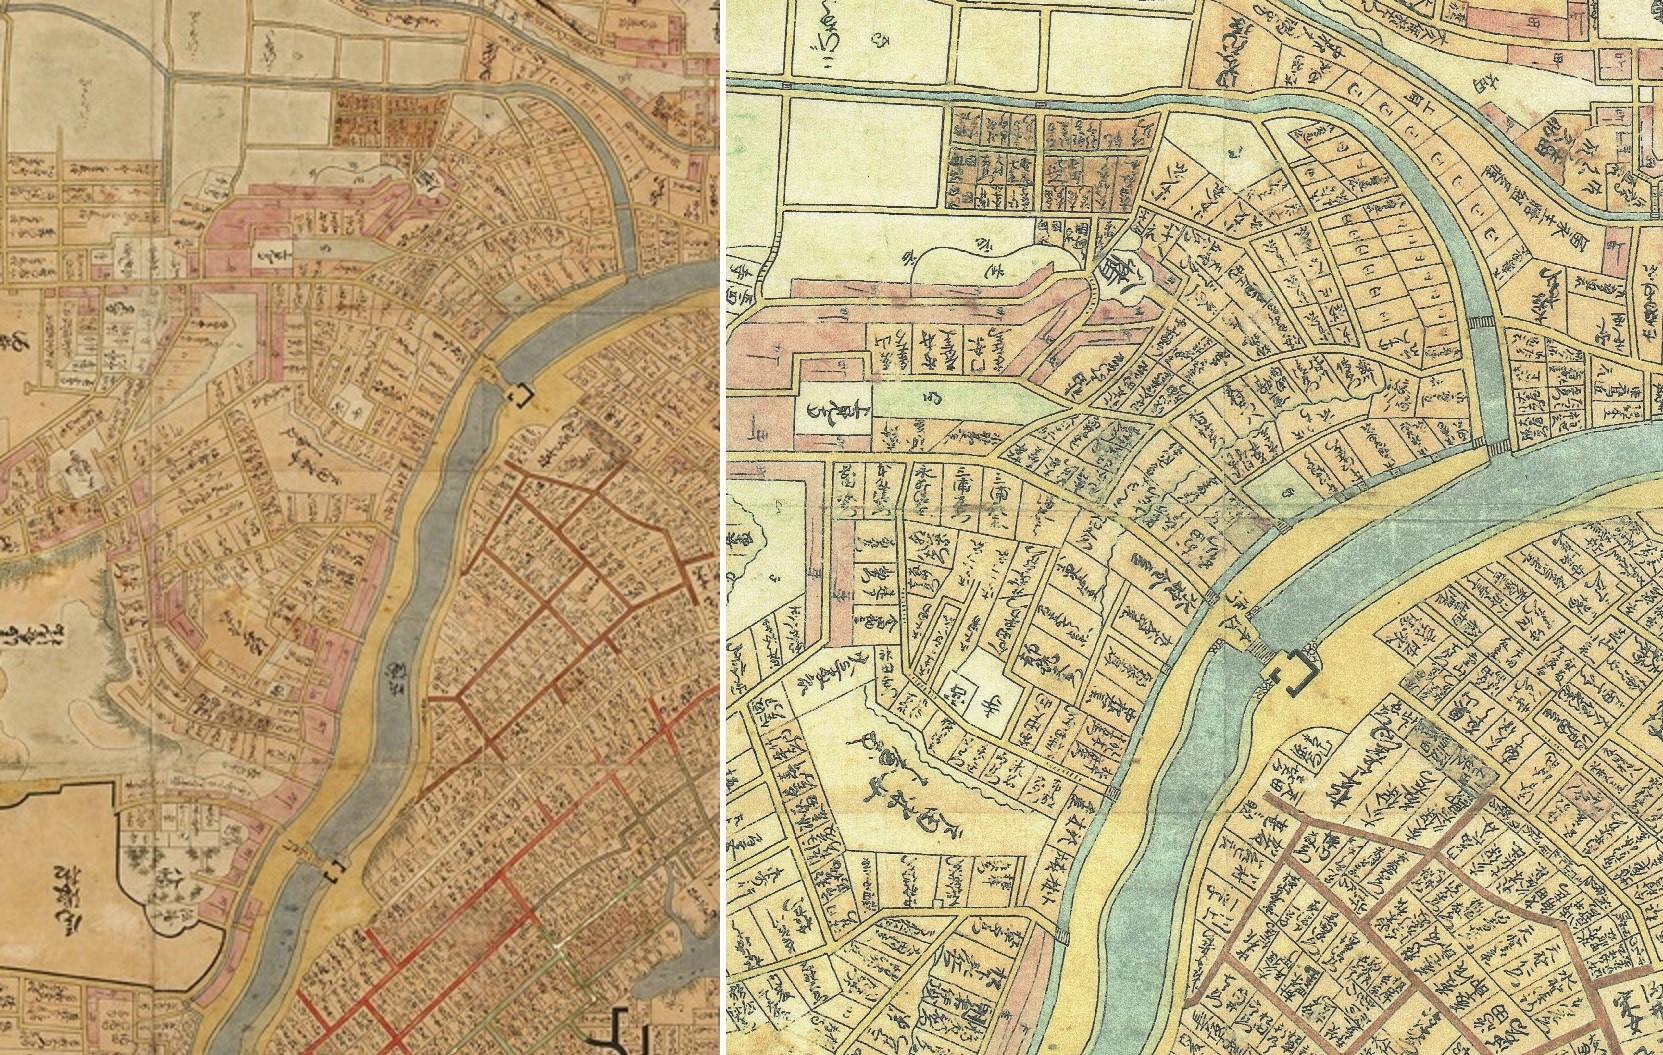 明暦江戸大絵図。http://collegio.jp/?page_id=154 (明暦は1655~8年)。大下水と外濠の距離が遠くなり、あいだには家もありそうだ。